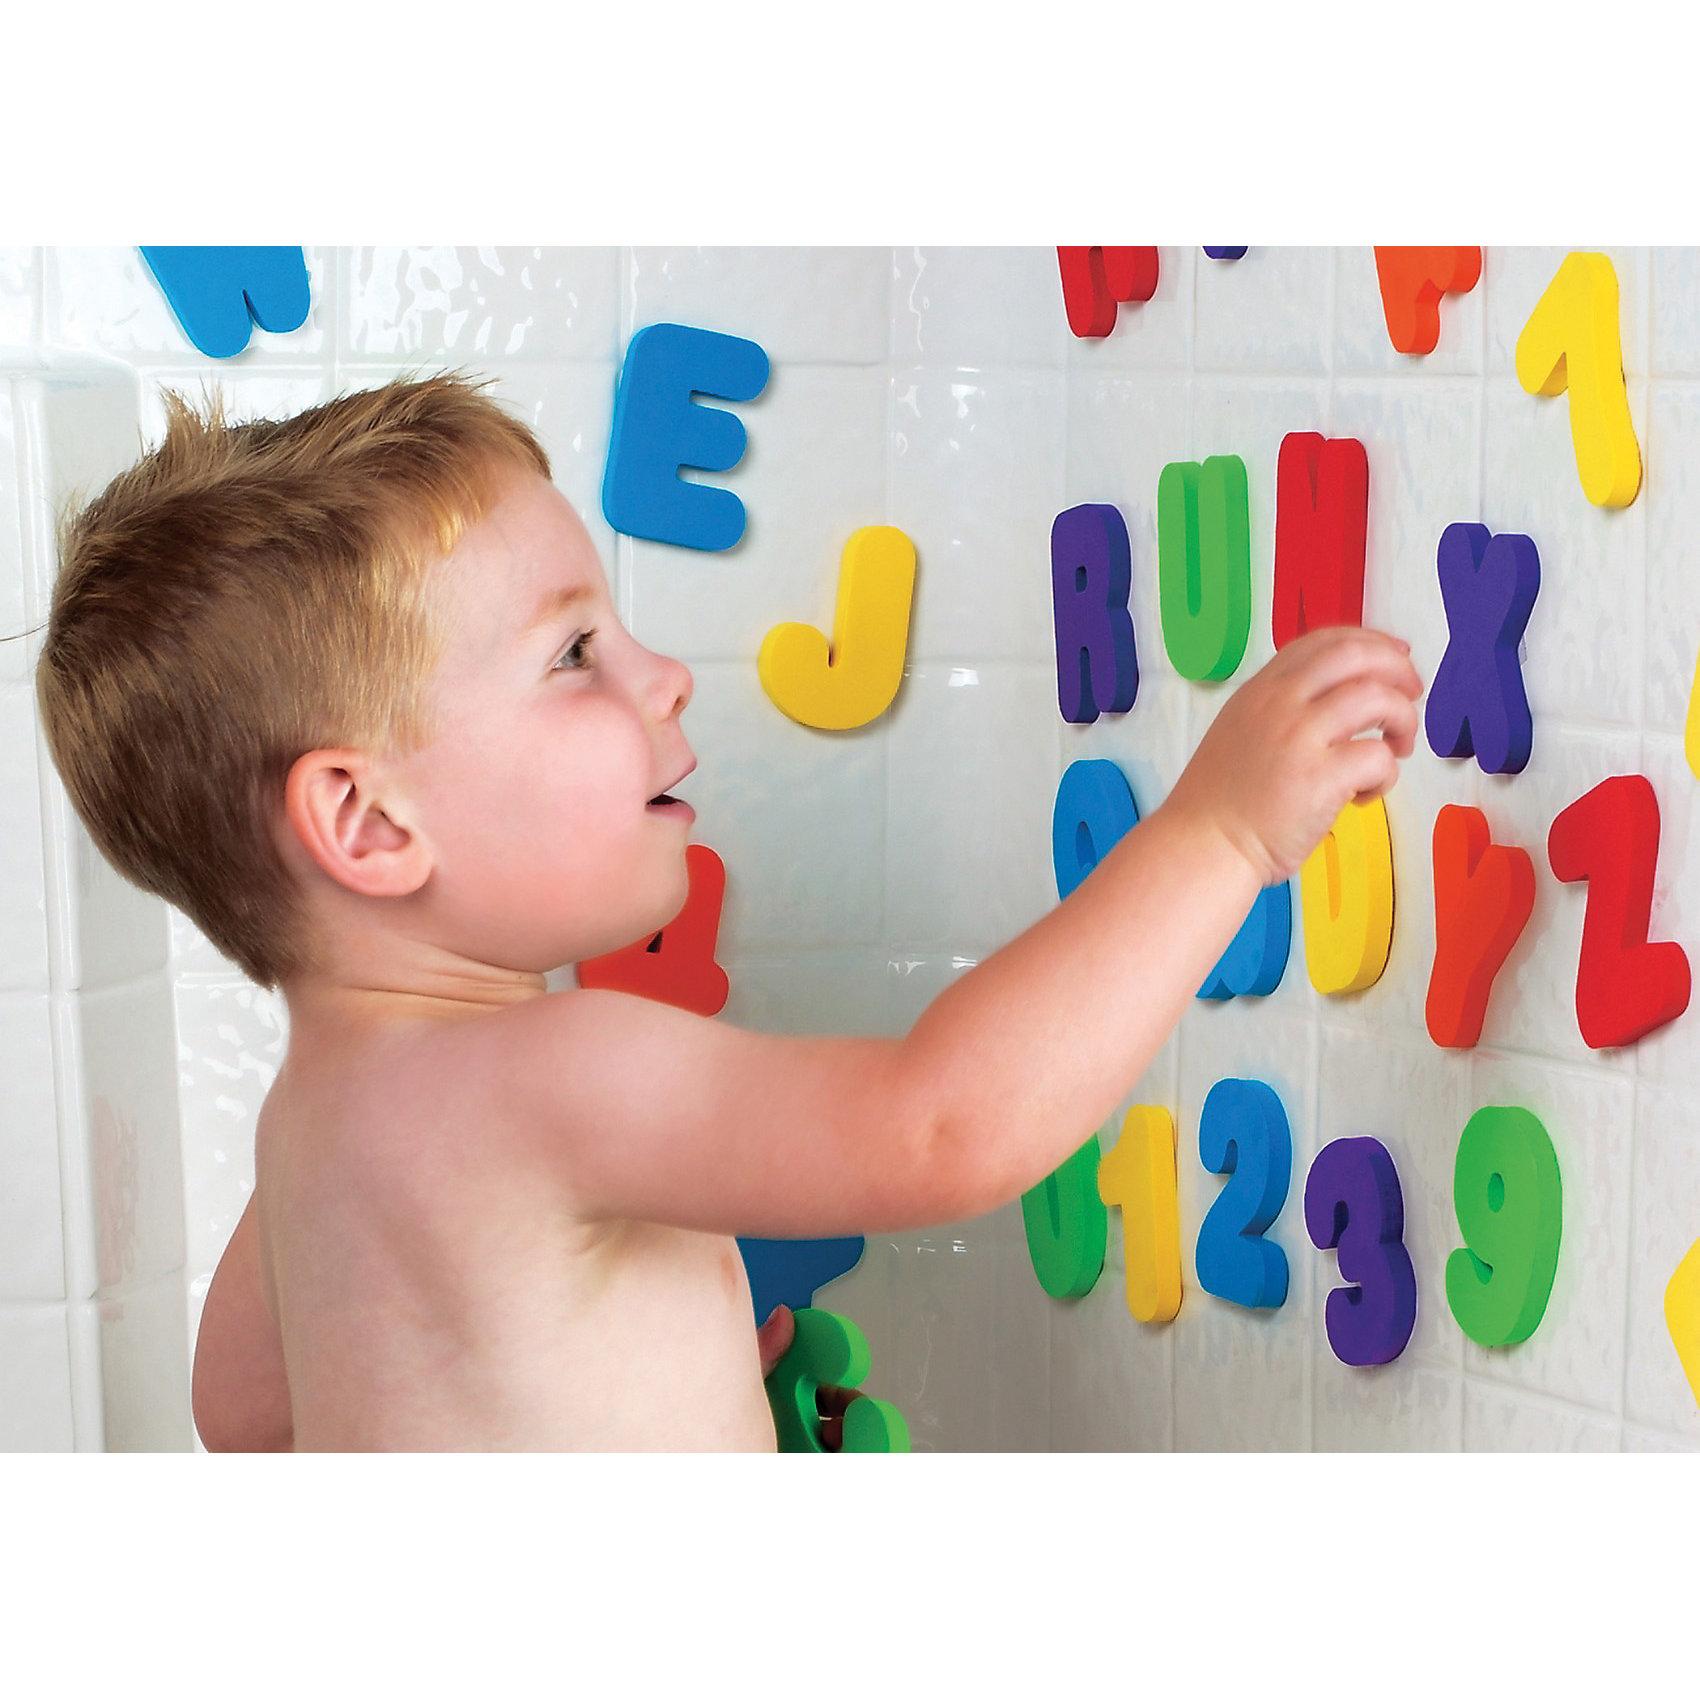 Игрушка для ванной Буквы и Цифры от 24мес, MunchkinИгрушки для ванной<br>Дети любят учиться везде ... так почему бы не в ванной? ·Плавающие разноцветные буквы и цифры обеспечивают безграничные возможности для увлекательной игры, во время которой запоминание букв и цифр происходит незаметно и без усилий. Когда буквы и цифры влажные, их можно прилепить на стену ванной, чтобы составлять из них различные слова и числа.<br>Буквы и цифры изготовлены из легкой, мягкой и прочной нетоксичной пены. Ими можно играть, бросать в воду, складывать - все, что угодно!<br><br>Дополнительная информация:&#13;<br>&#13;<br>- материал: пена&#13;<br>- размеры: 8 х 5,5 х 1 см&#13;<br>- в комплекте: 26 букв, 10 чисел&#13;<br><br>Игрушку для ванной Буквы и Цифры от 24мес, Munchkin можно купить в нашем магазине.<br><br>Ширина мм: 56<br>Глубина мм: 200<br>Высота мм: 254<br>Вес г: 294<br>Возраст от месяцев: 12<br>Возраст до месяцев: 48<br>Пол: Унисекс<br>Возраст: Детский<br>SKU: 3717330